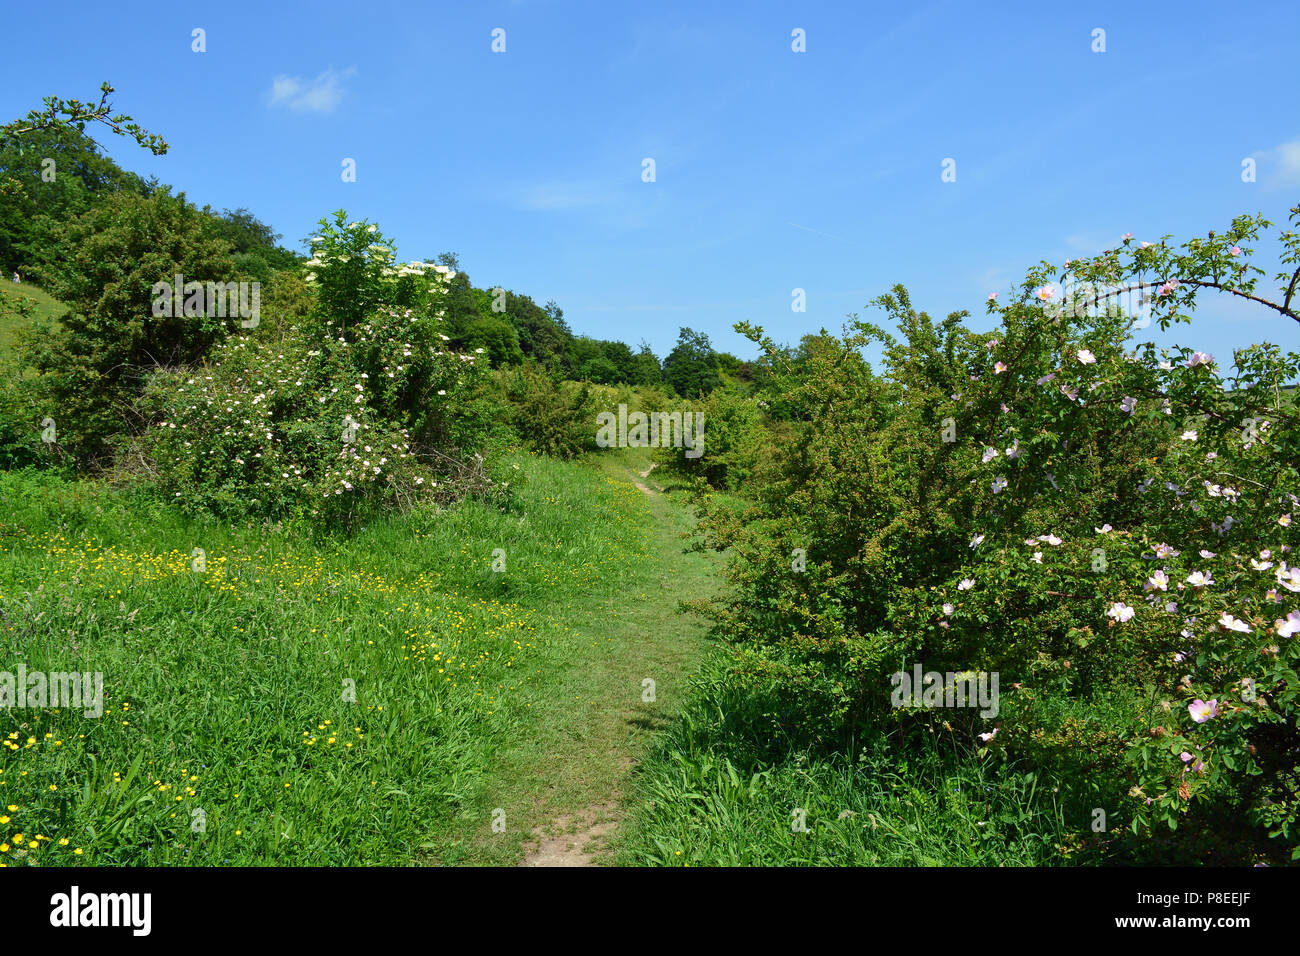 Queendown Warren Nature Reserve, Kent - Stock Image